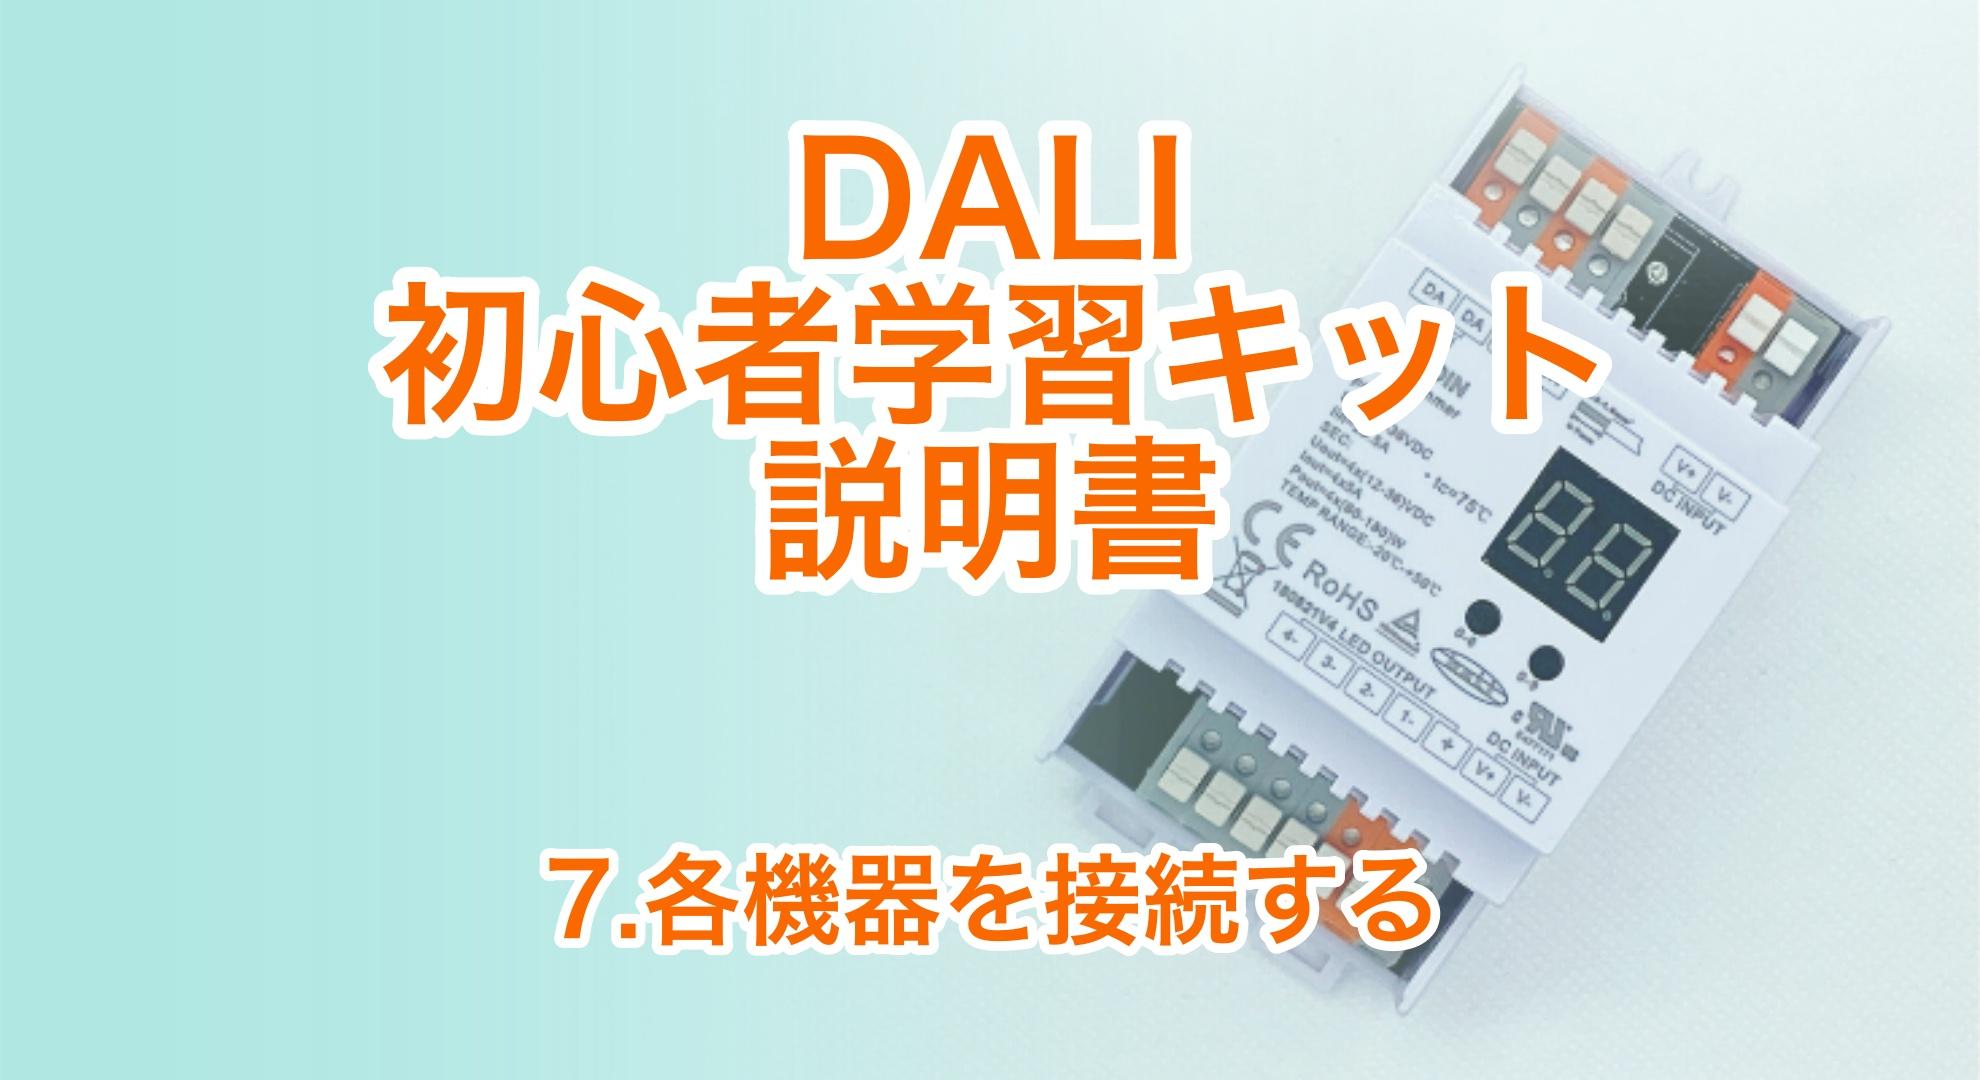 DALI初心者学習キット説明書 7.各機器を接続する